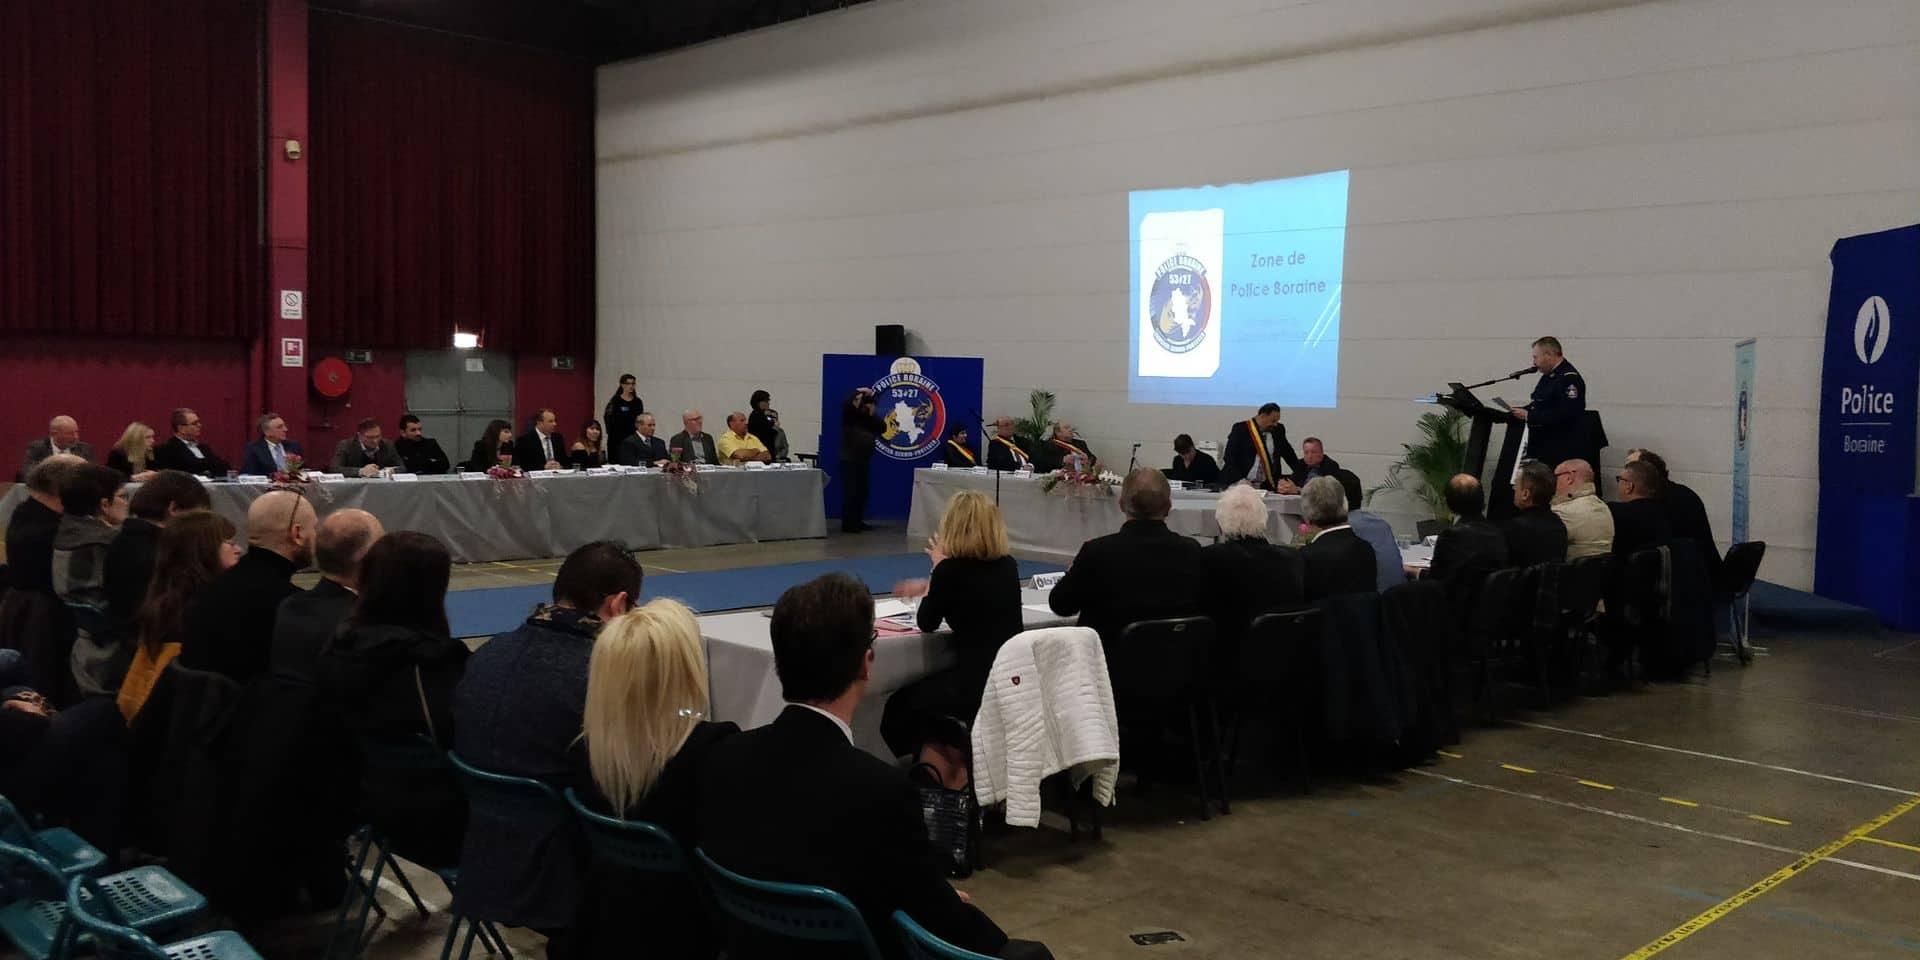 Nouveau conseil et nouveaux projets pour la zone de police boraine